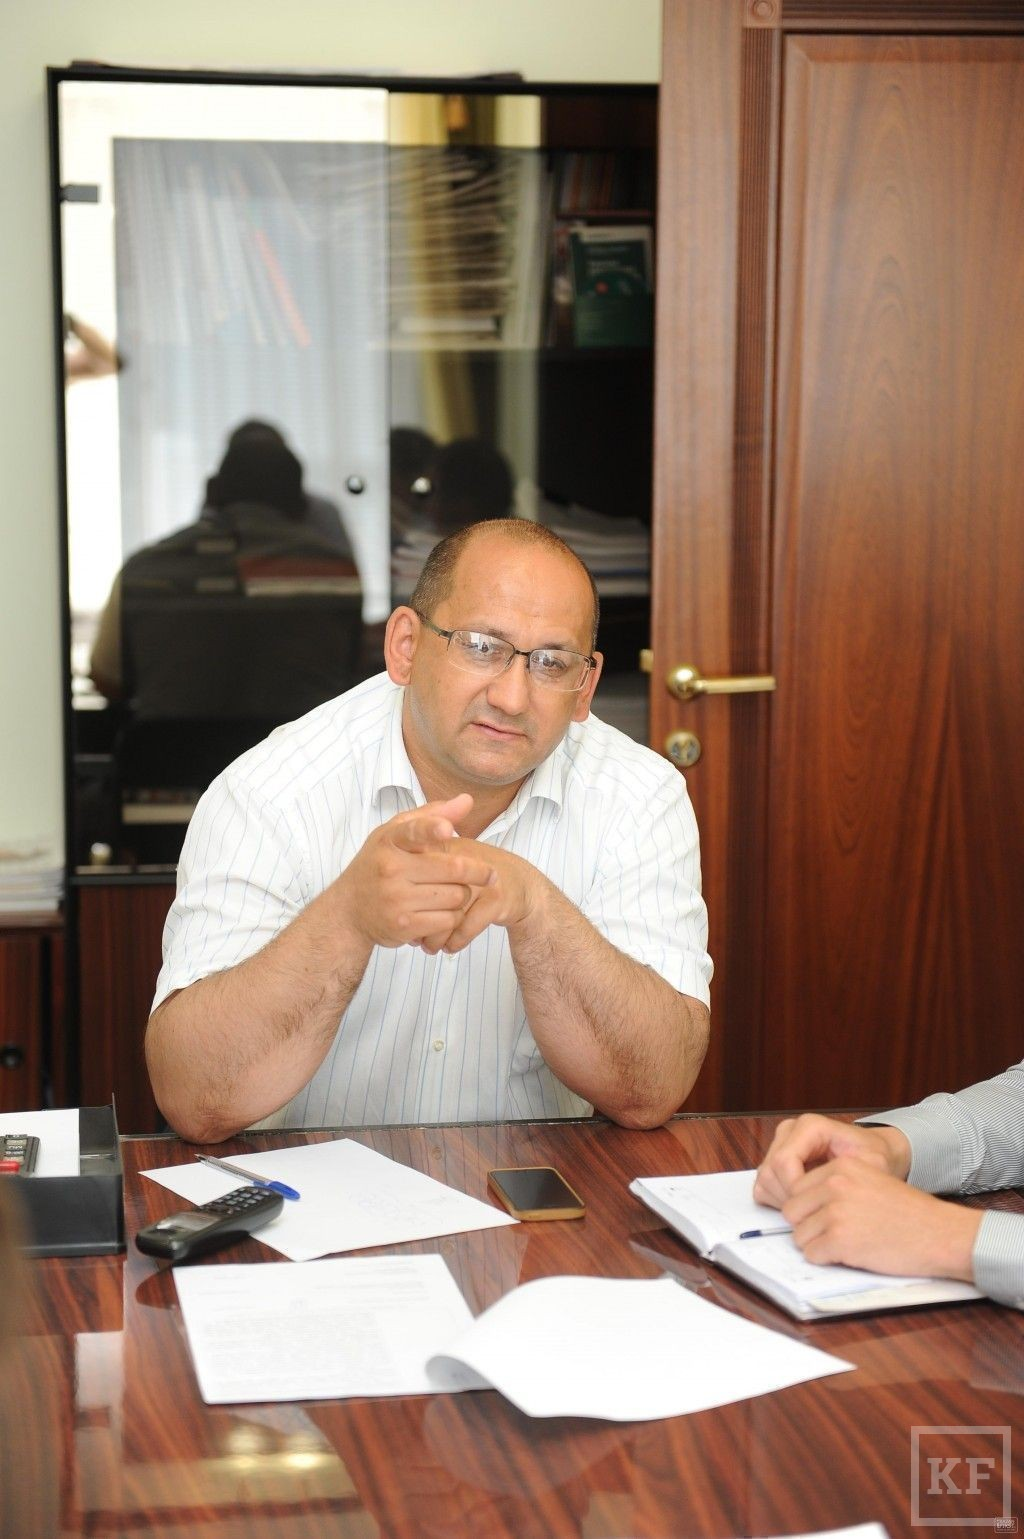 Айдар Гареев: «Нужно, чтобы у людей не было возможности не платить»